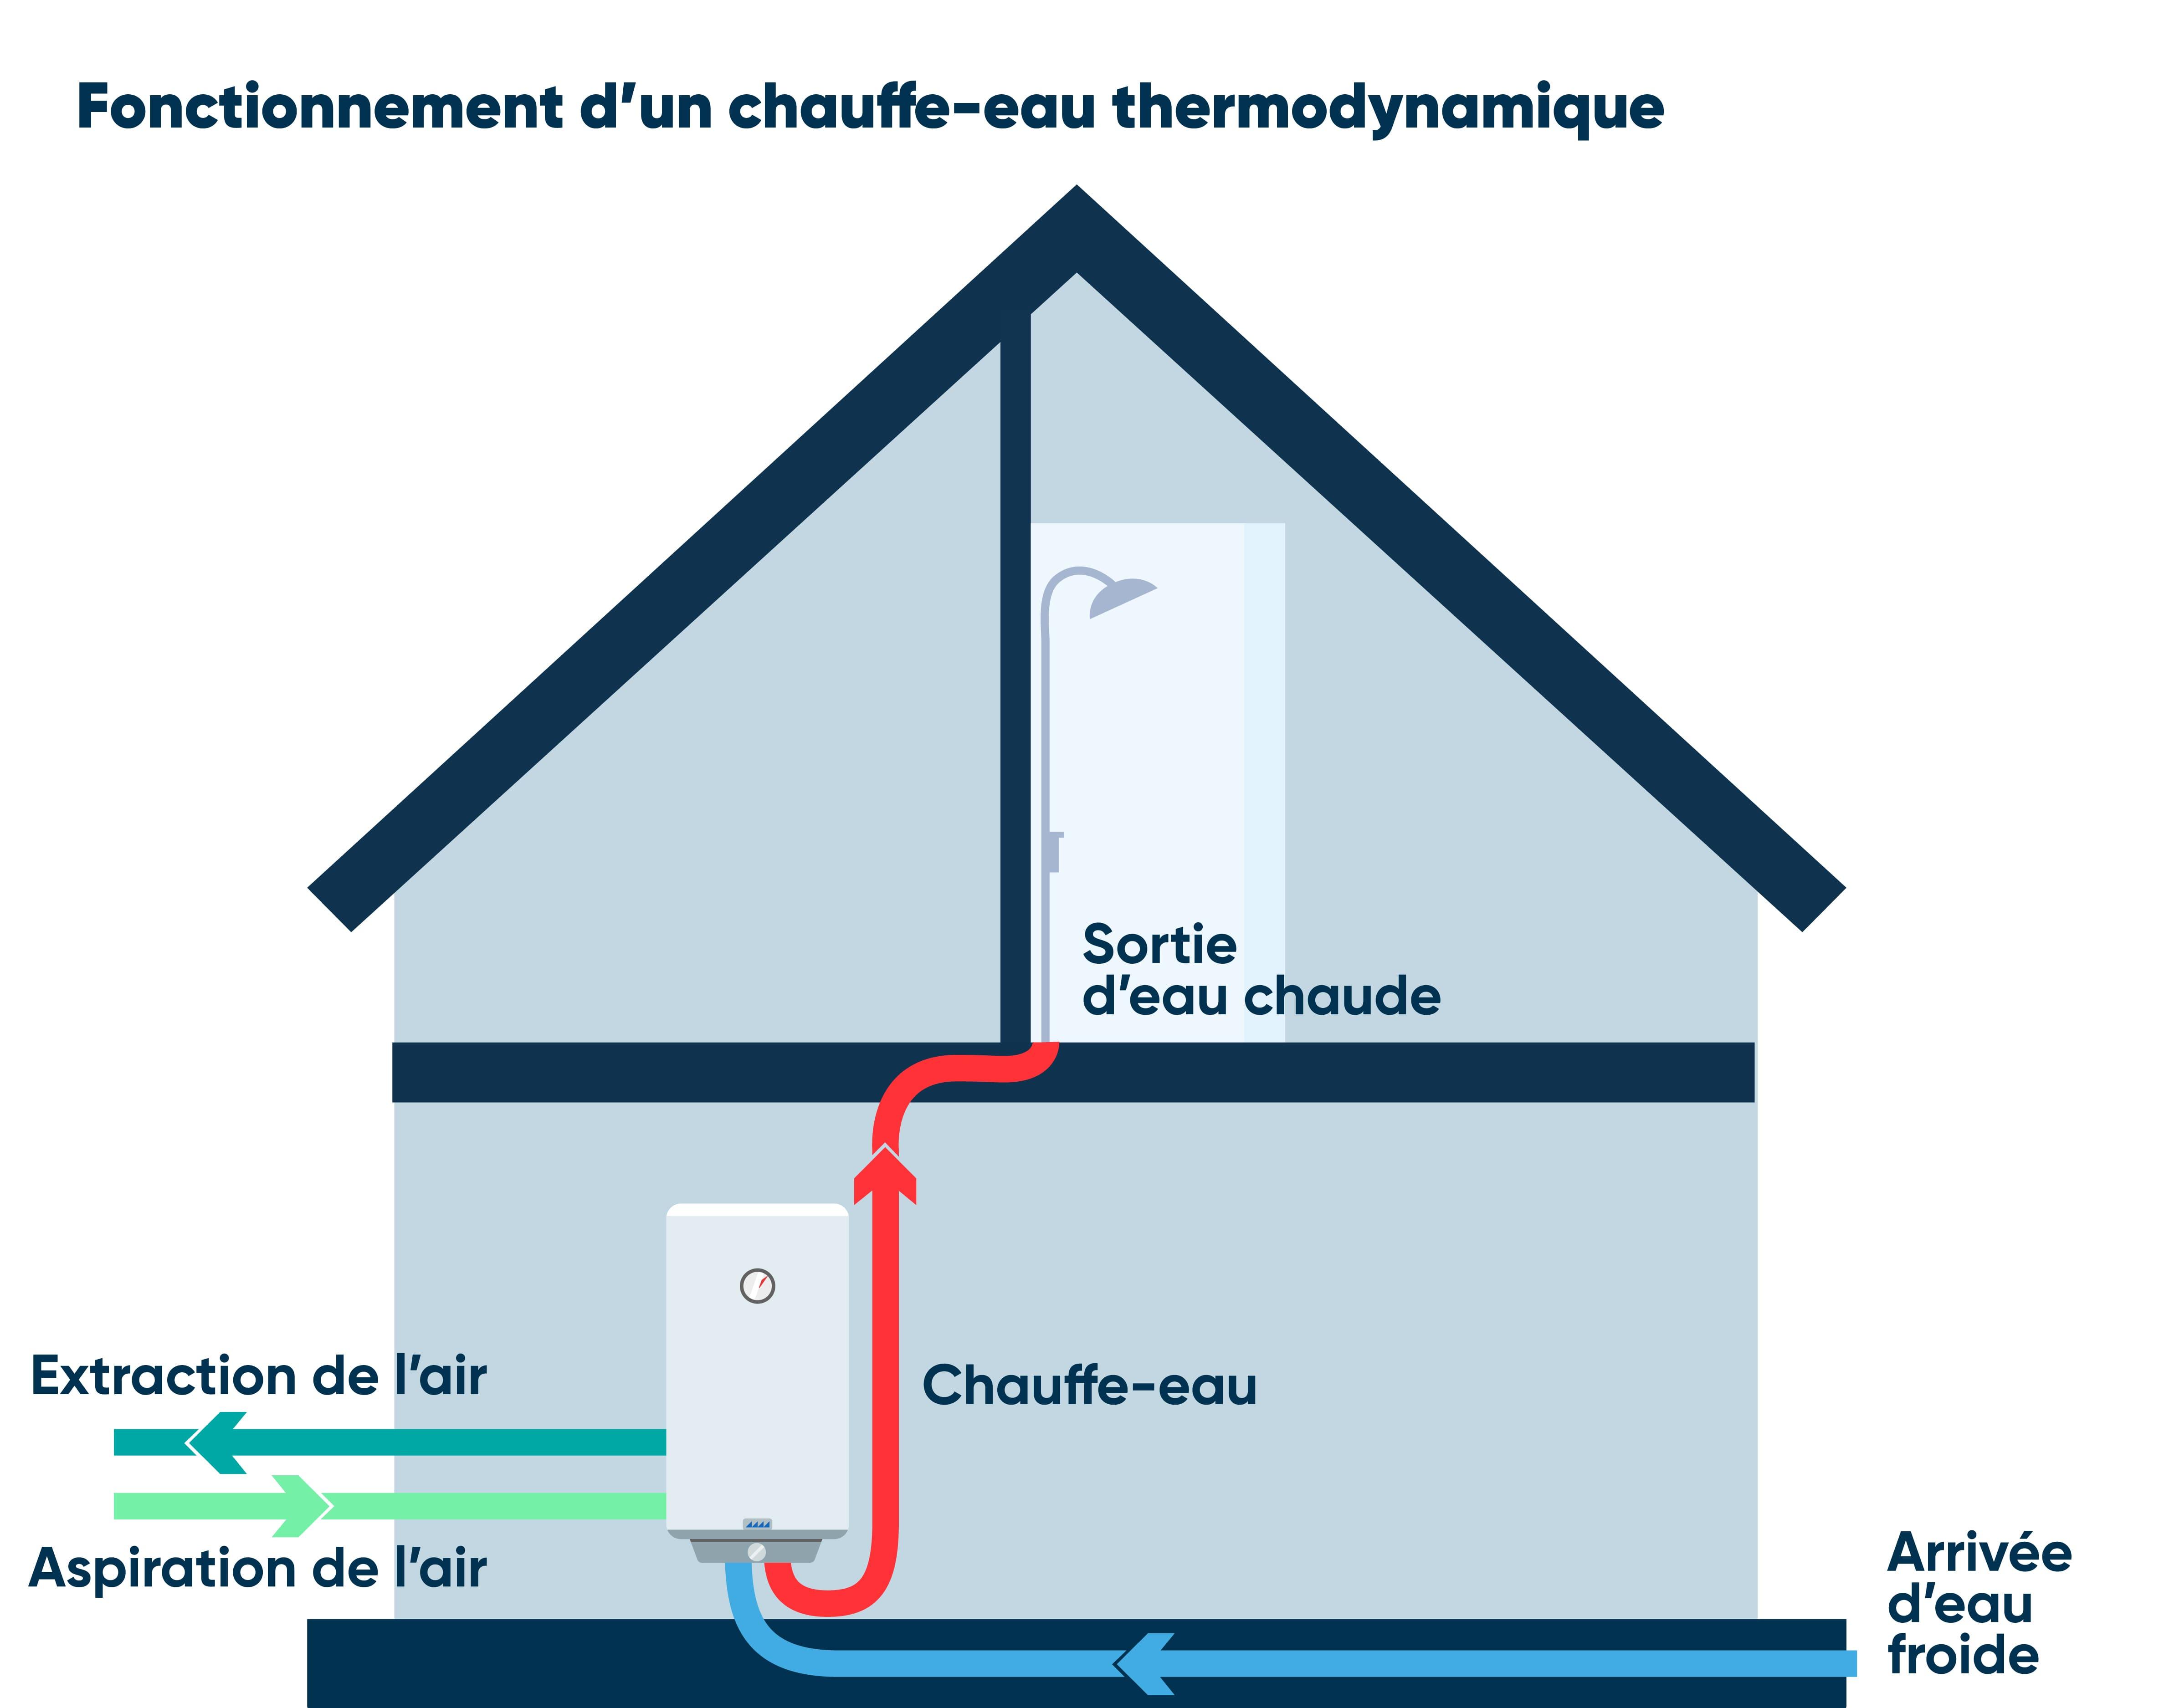 Fonctionnement chauffe-eau thermodynamique